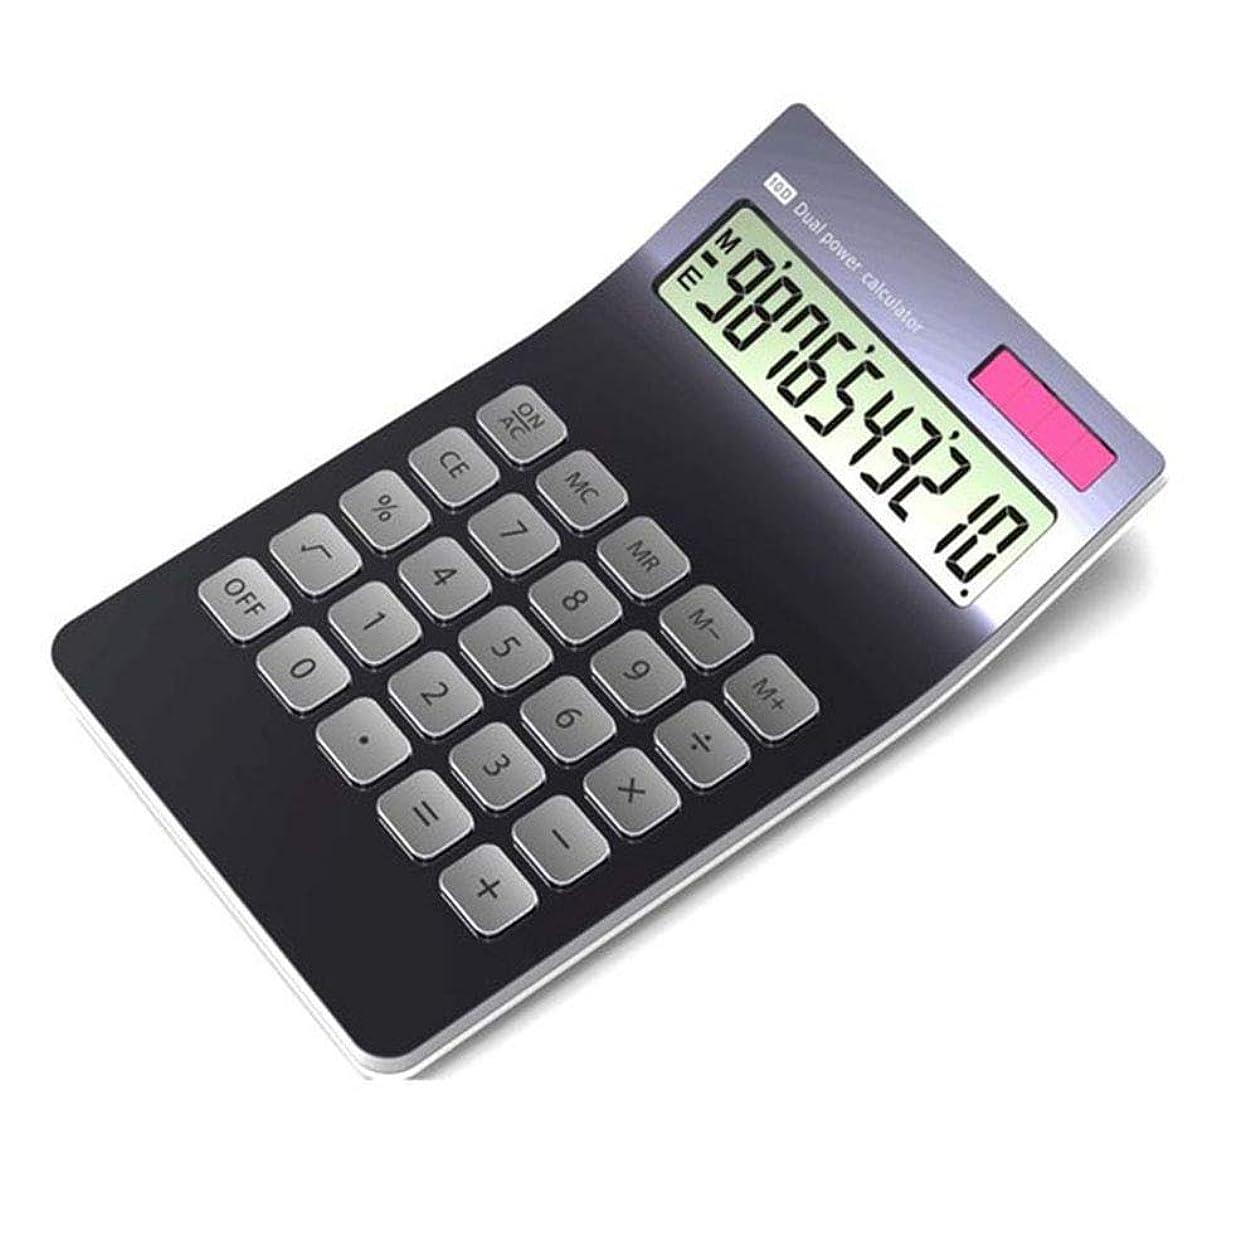 仕事に行くアクション五電卓 10ビット大画面 デュアルパワー コンピューター 経済的 会計用 太陽電卓 アルミニウムパネル デスクトップ ビジネス 電卓